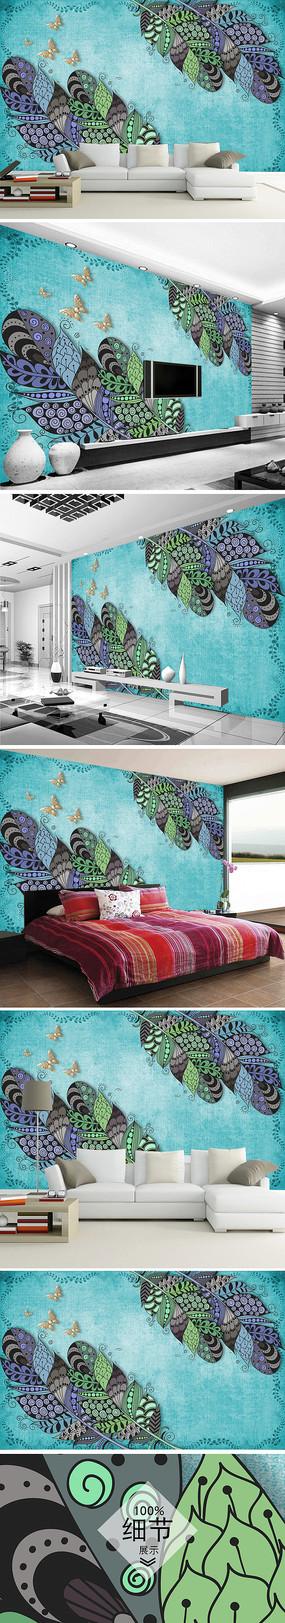 北欧简约手绘羽毛背景墙